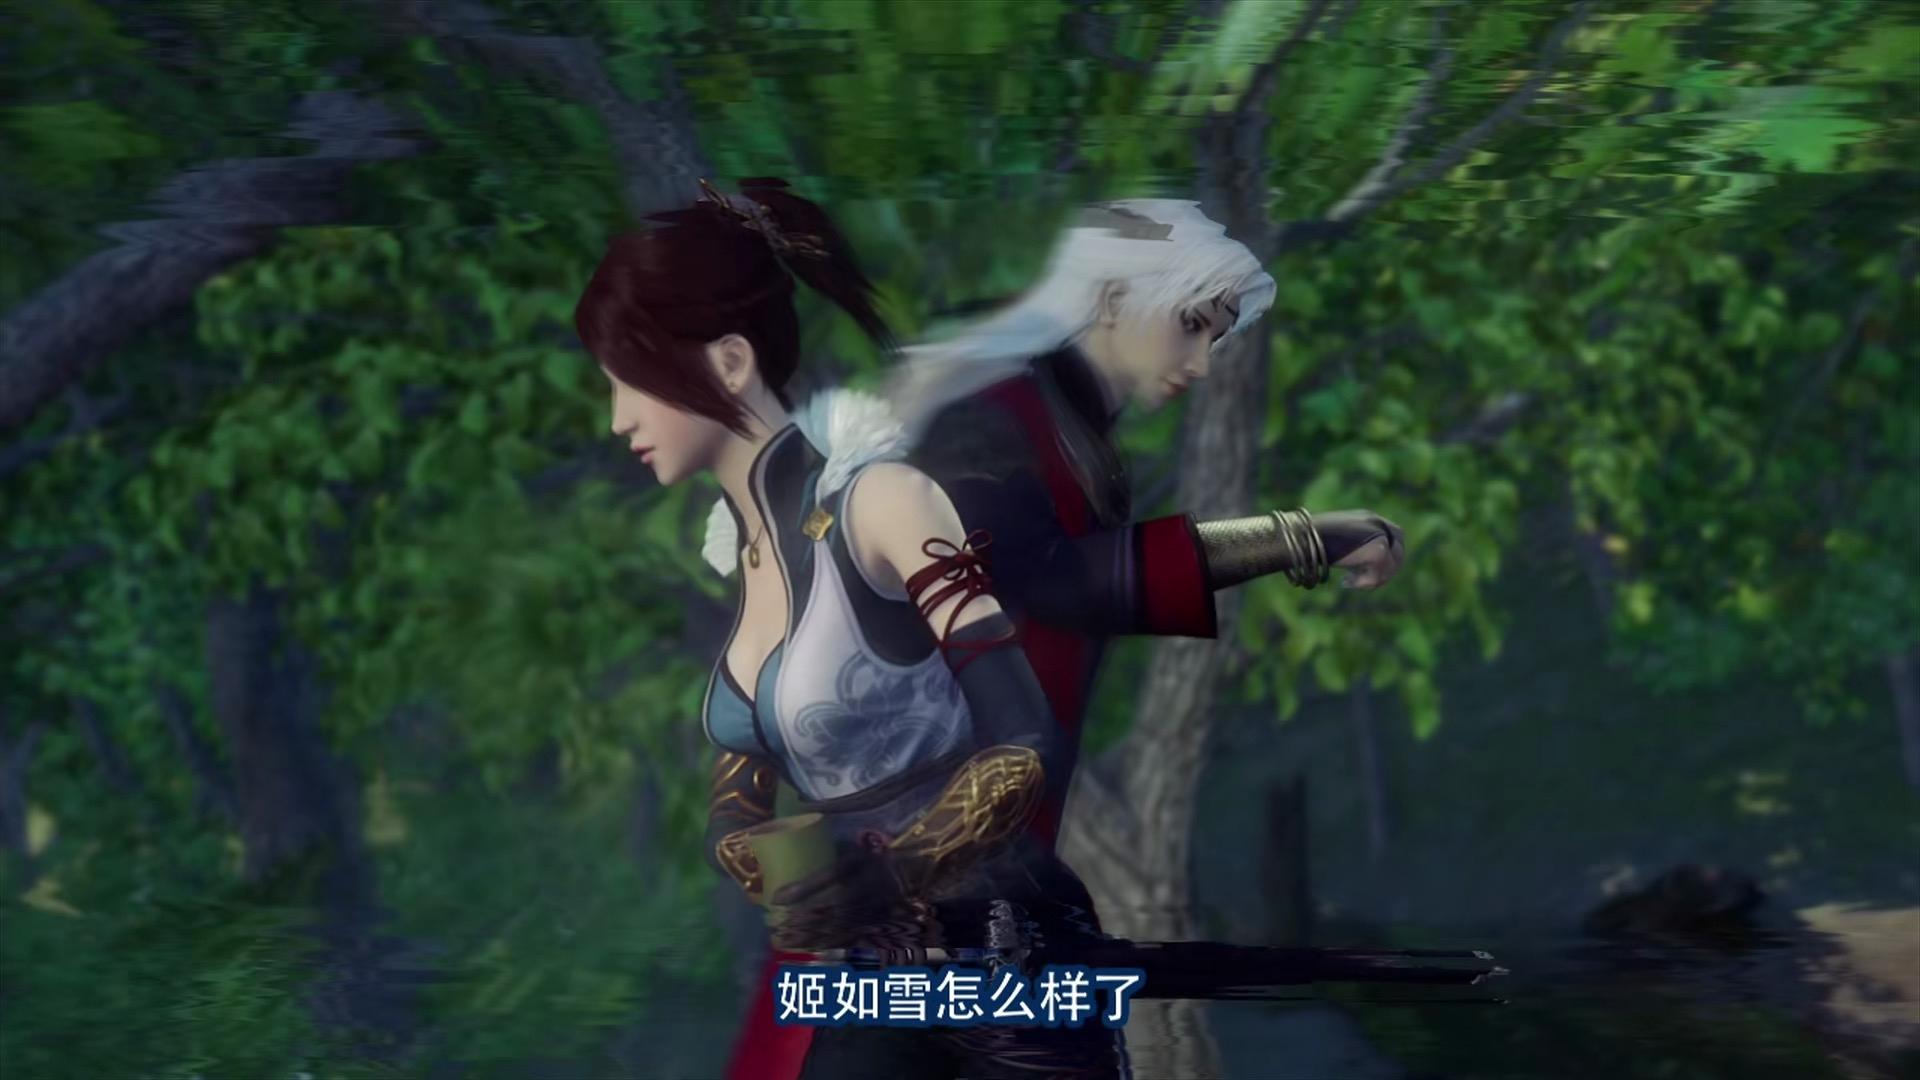 不良人3:蛊王可能已经死了,巫王已派尤川去杀蚩梦